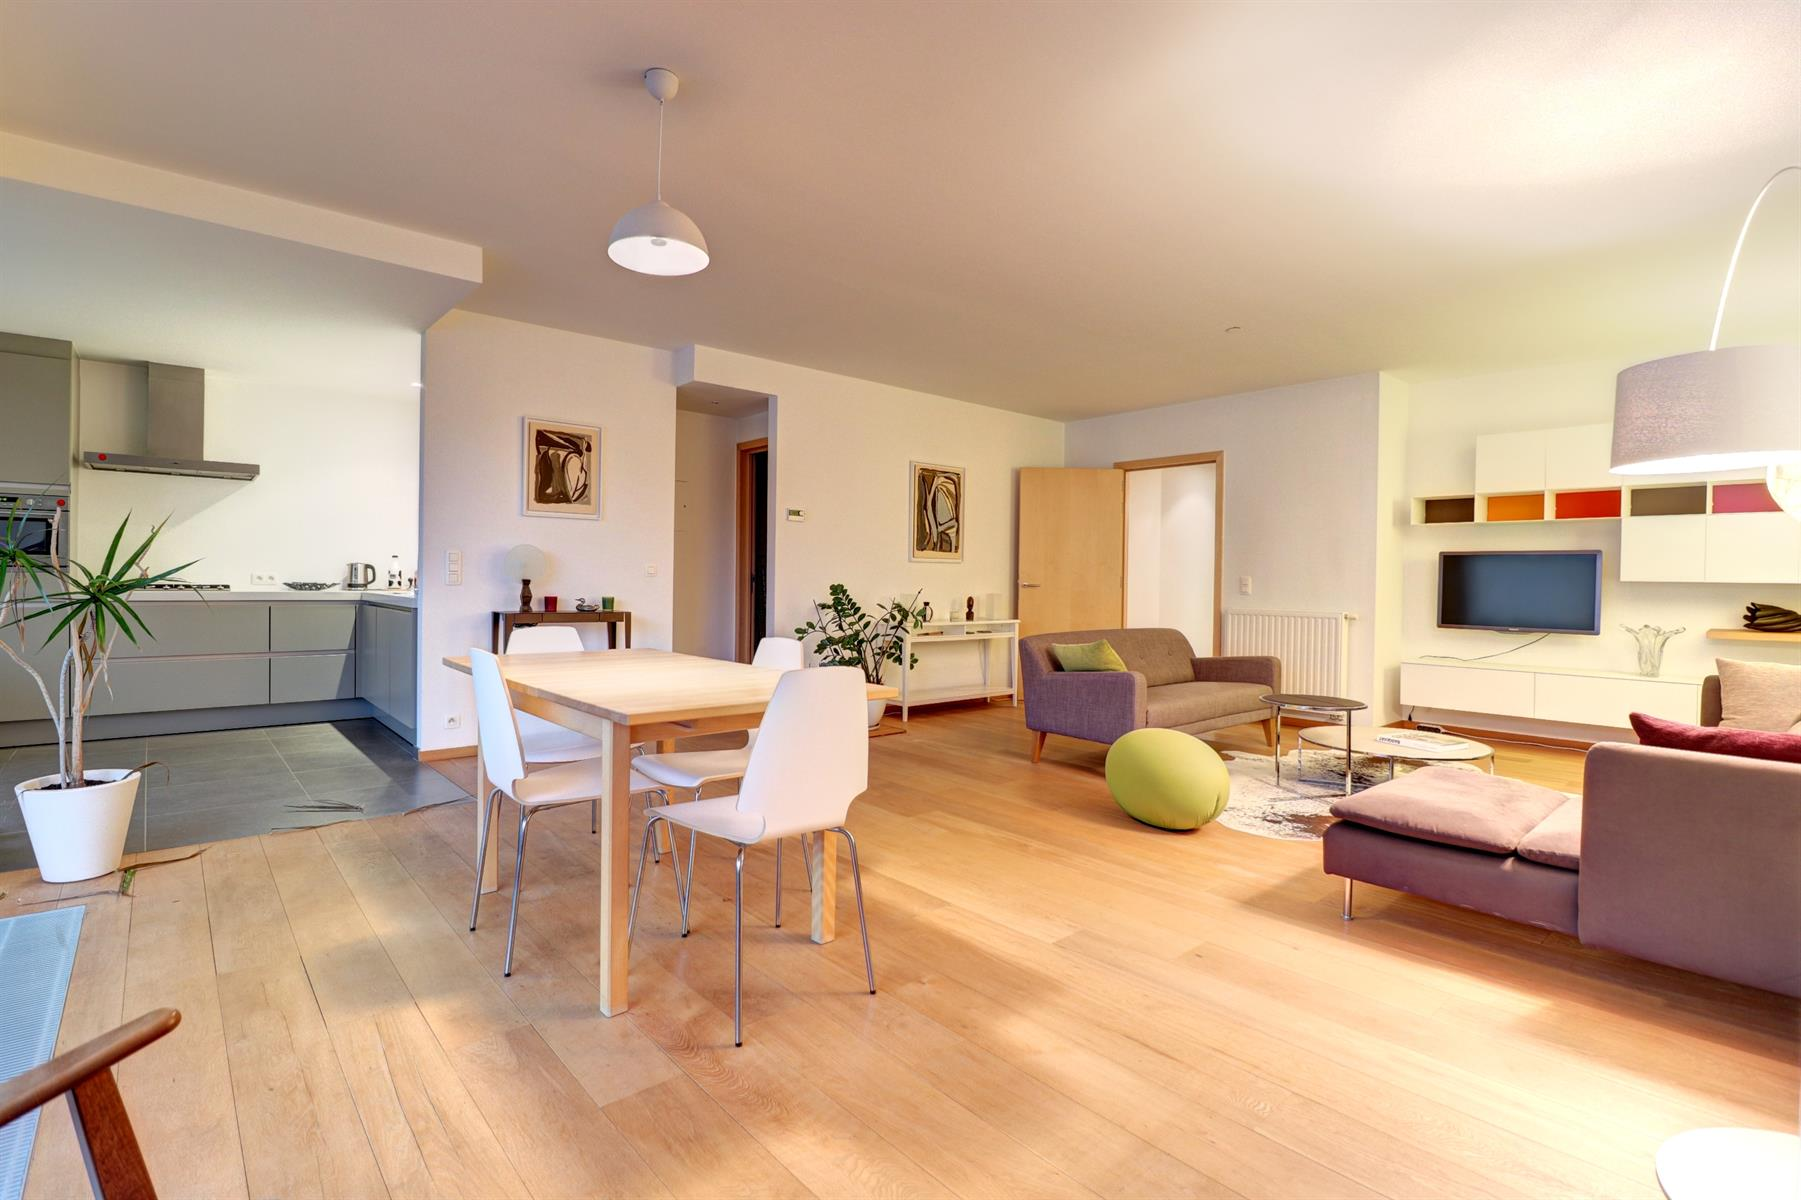 Flat - Ixelles - #4225896-2